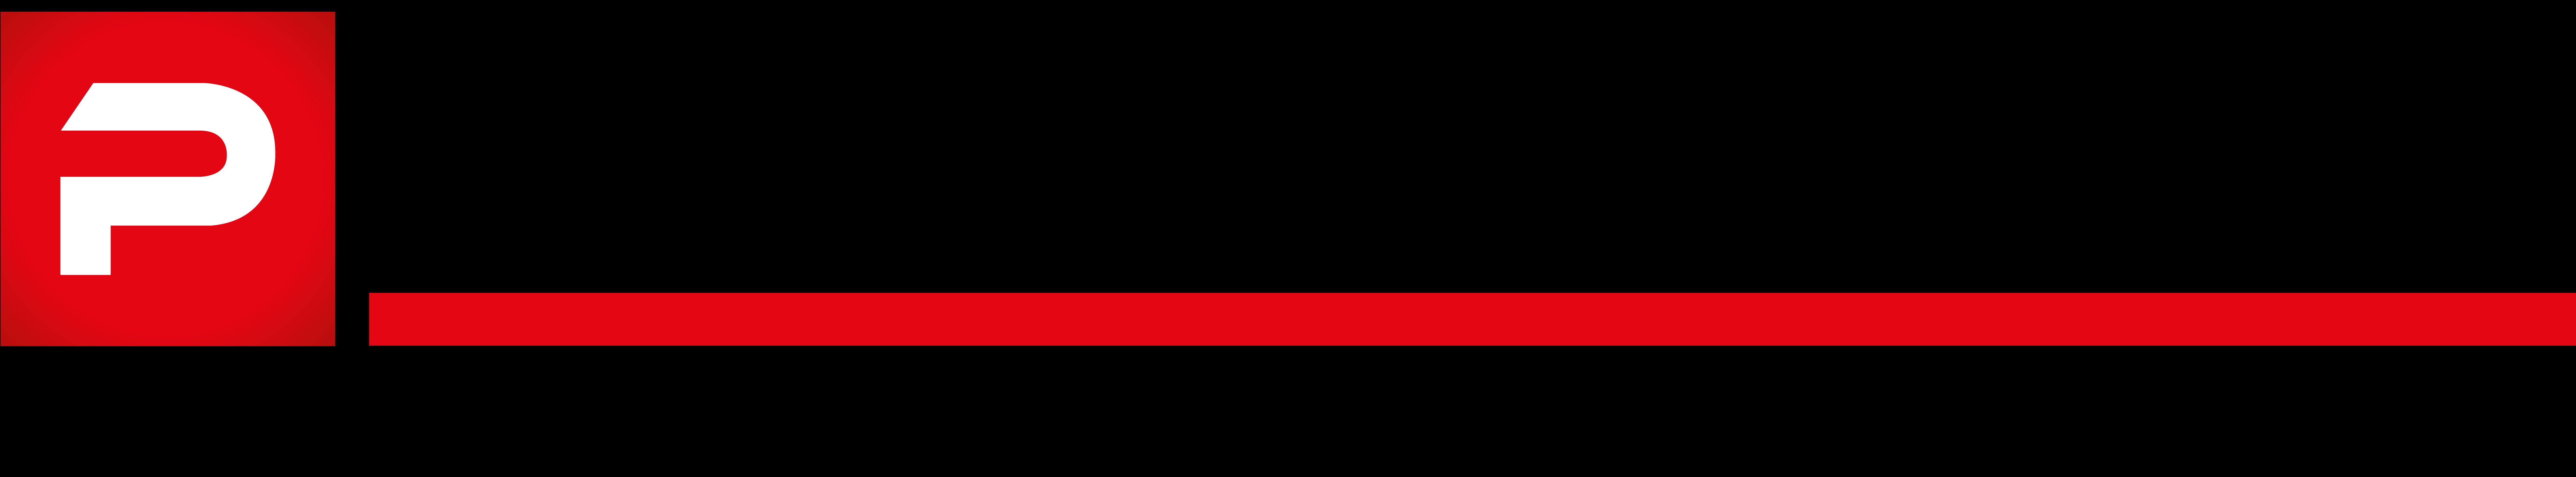 Précisium - Le groupe Précisium référence les plus grandes marques des équipementiers mondiaux